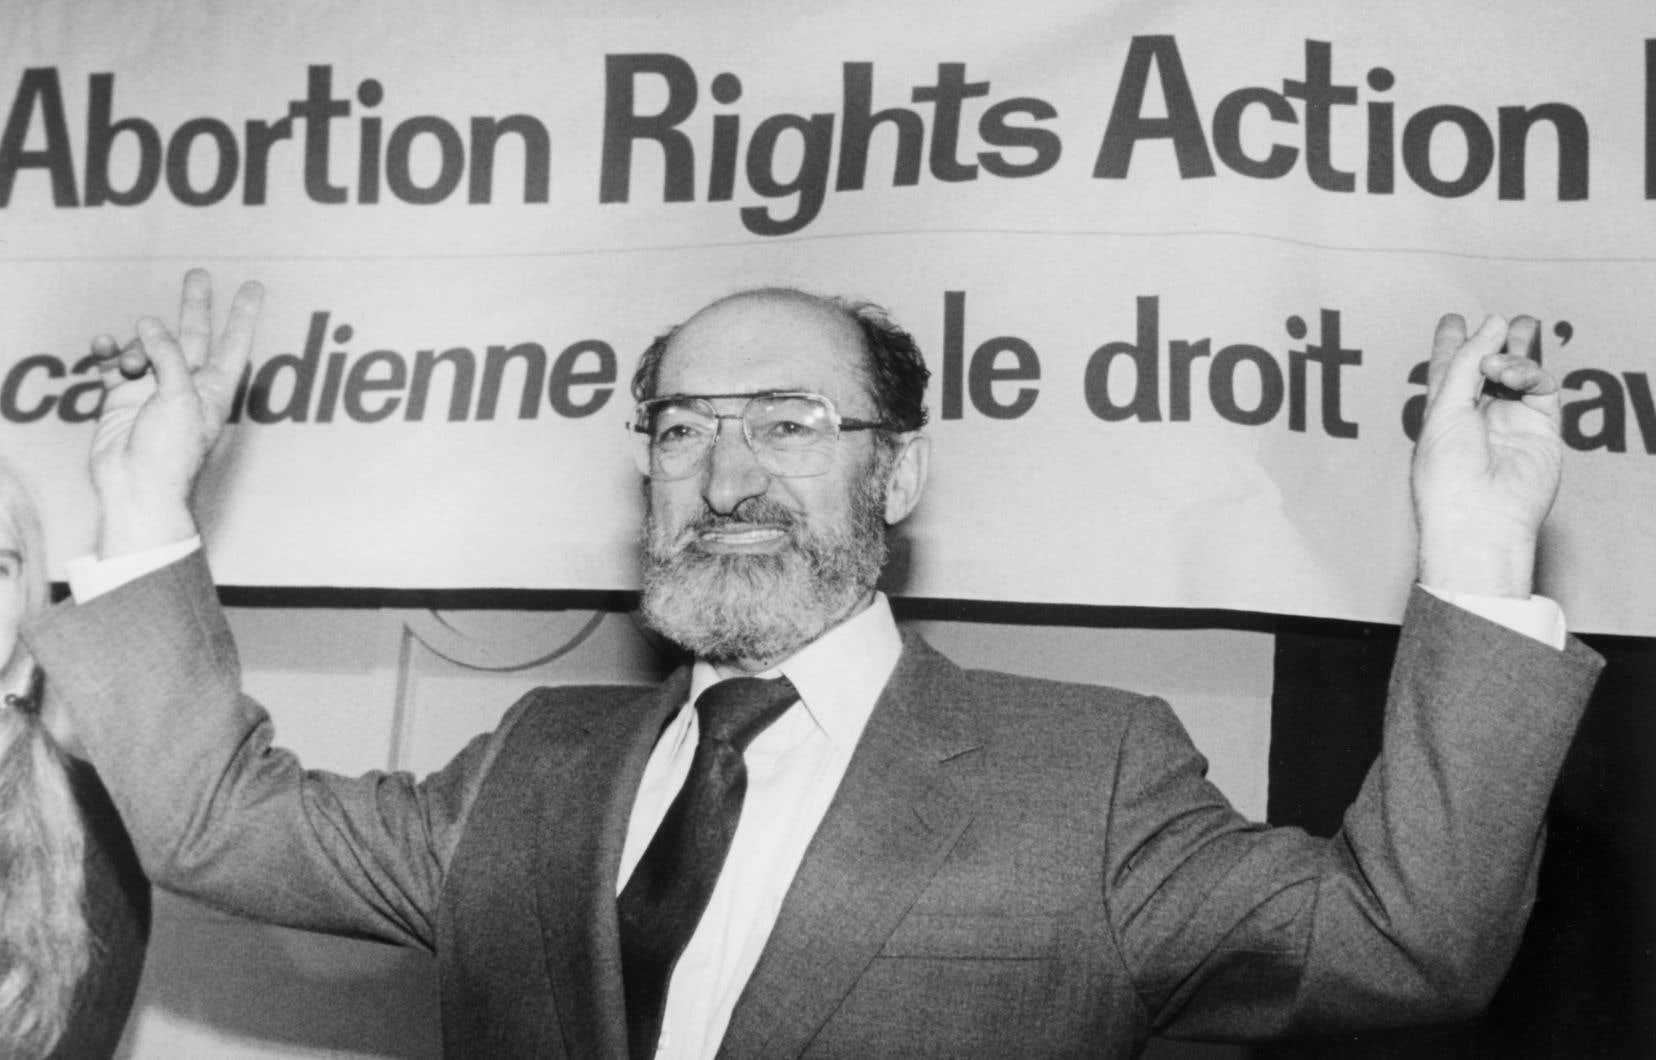 Le 28janvier 1988, Henry Morgentaler célébrait la décision de la Cour suprême d'invalider une loi criminalisant l'avortement au Canada.